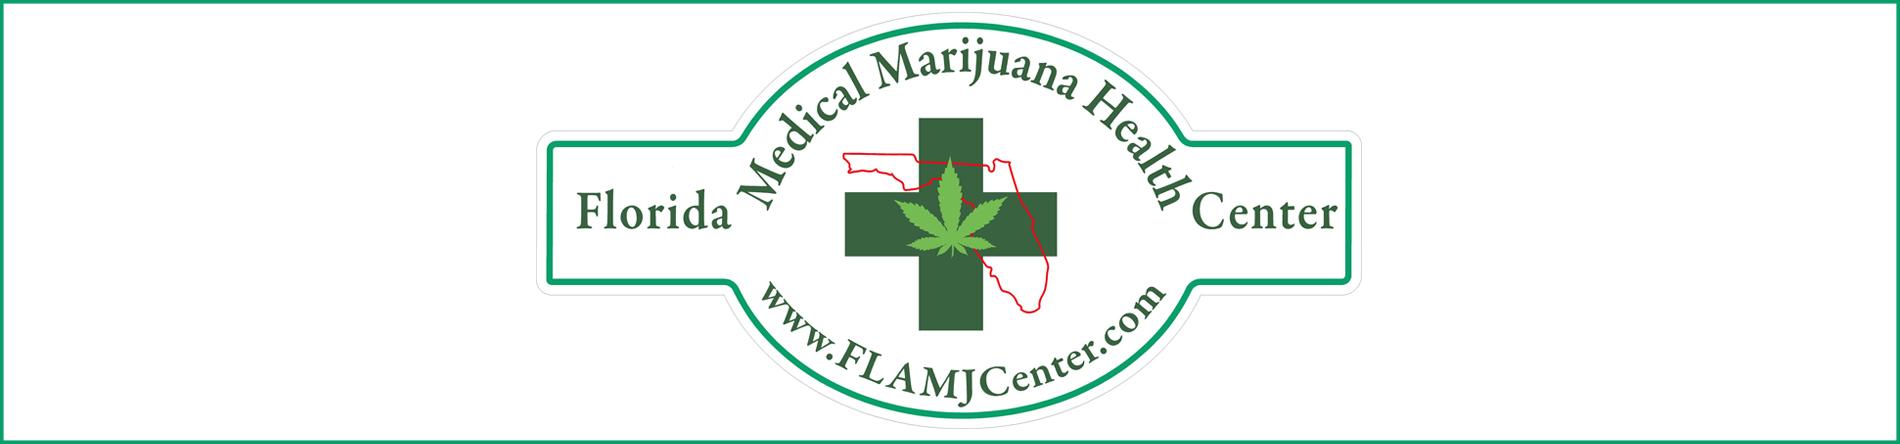 Florida Medical Marijuana Health Center Offers Marijuana